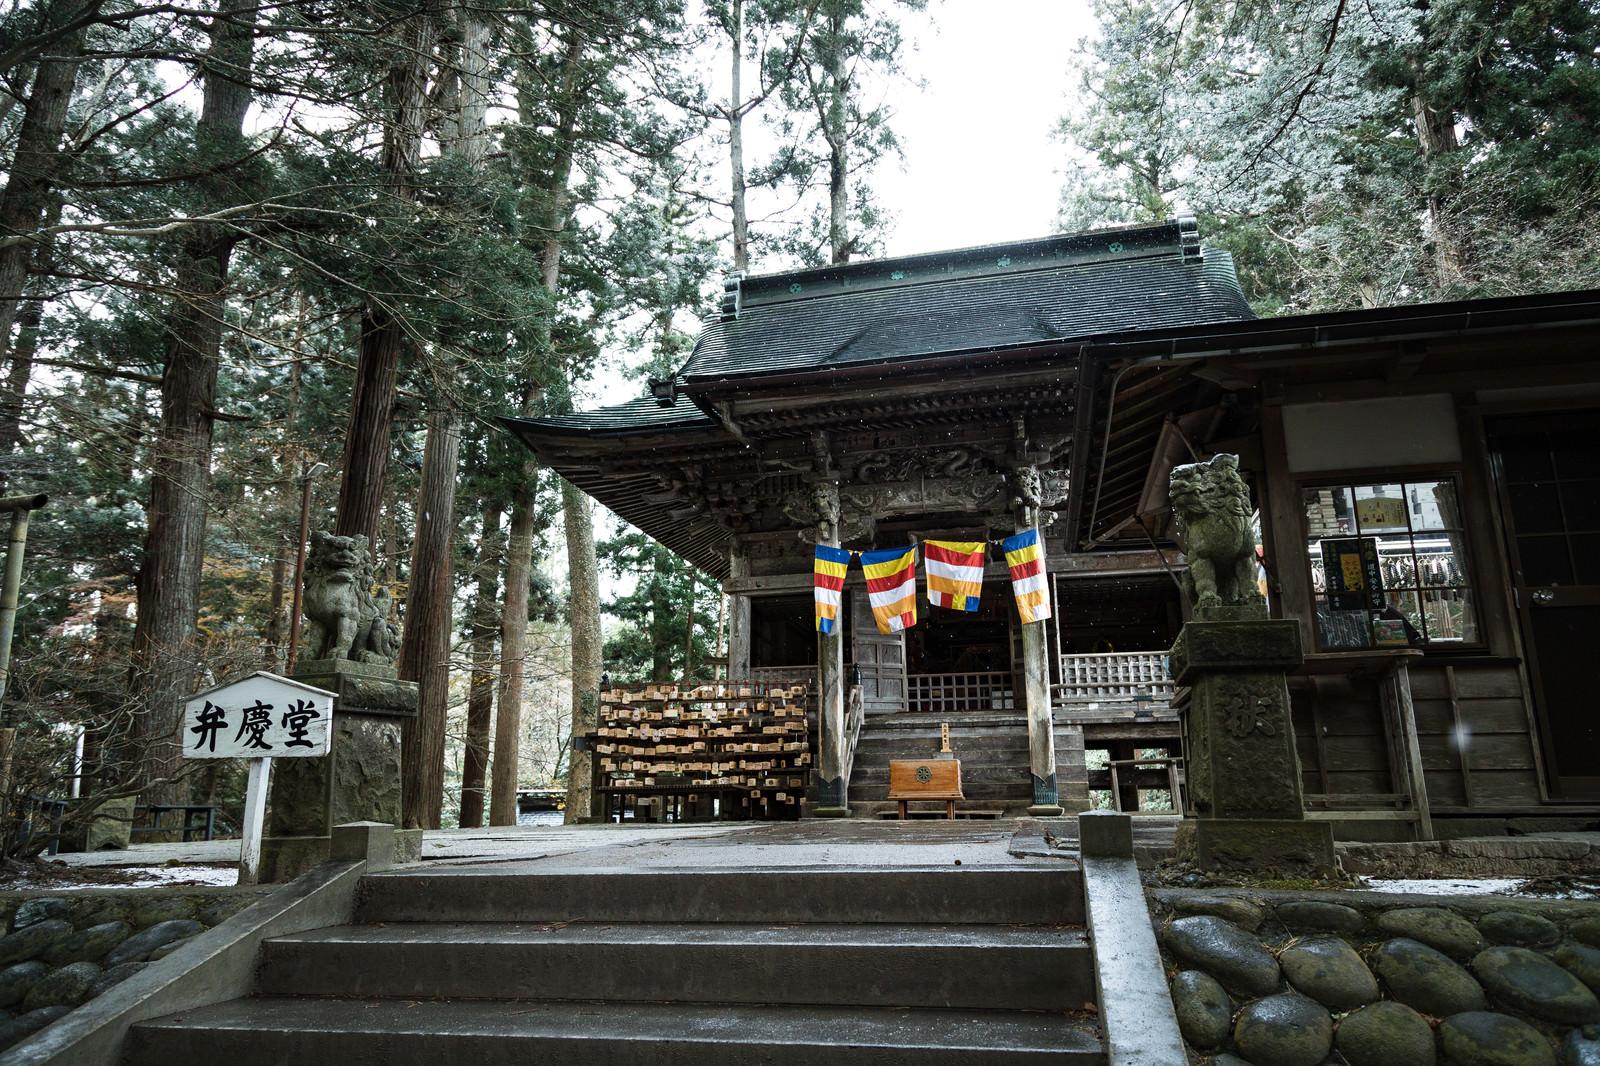 「雪が降る中尊寺弁慶堂」の写真